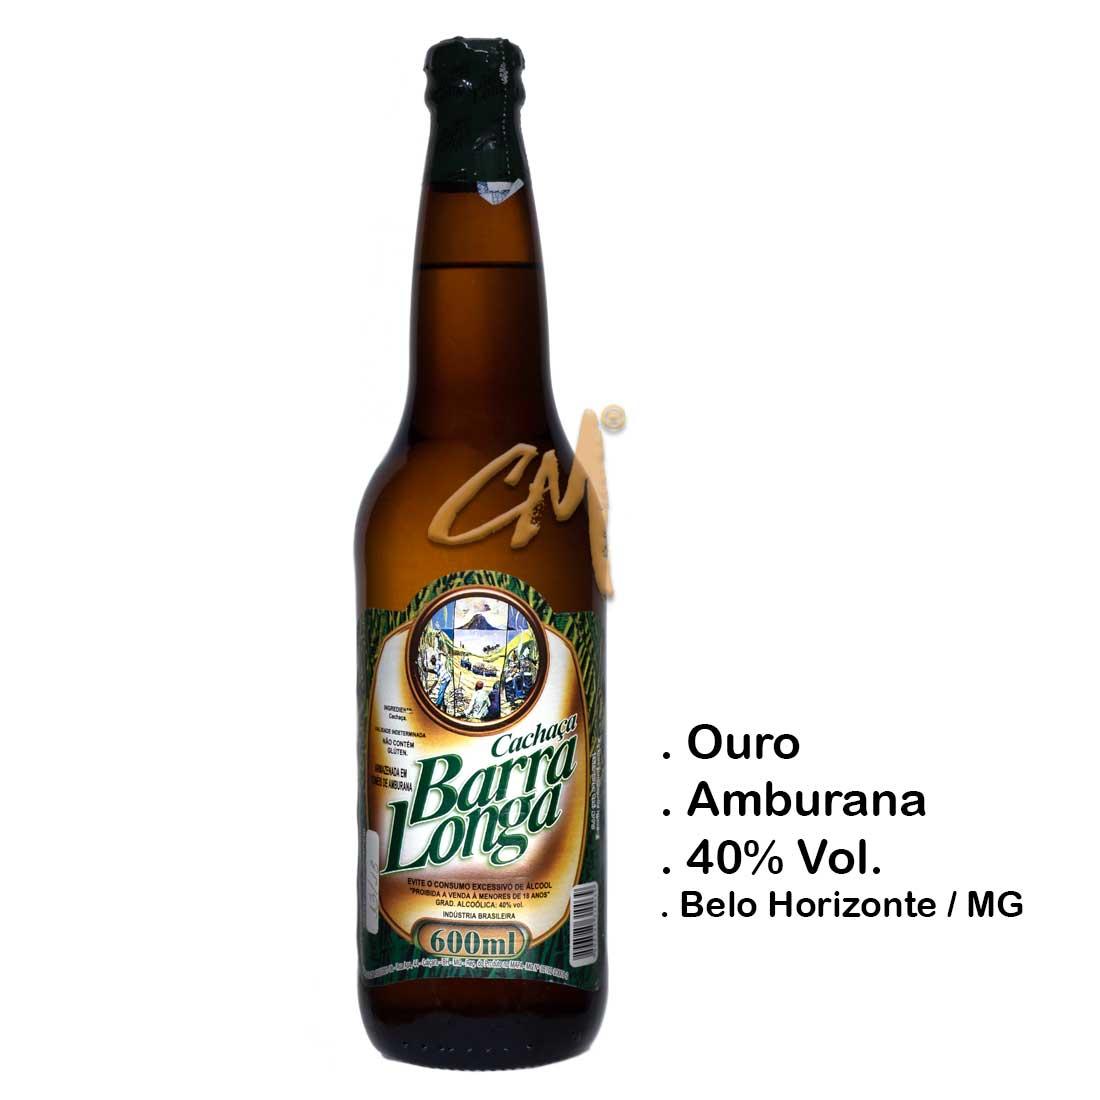 Cachaça Barra Longa 600 ml (Belo Horizonte - MG)